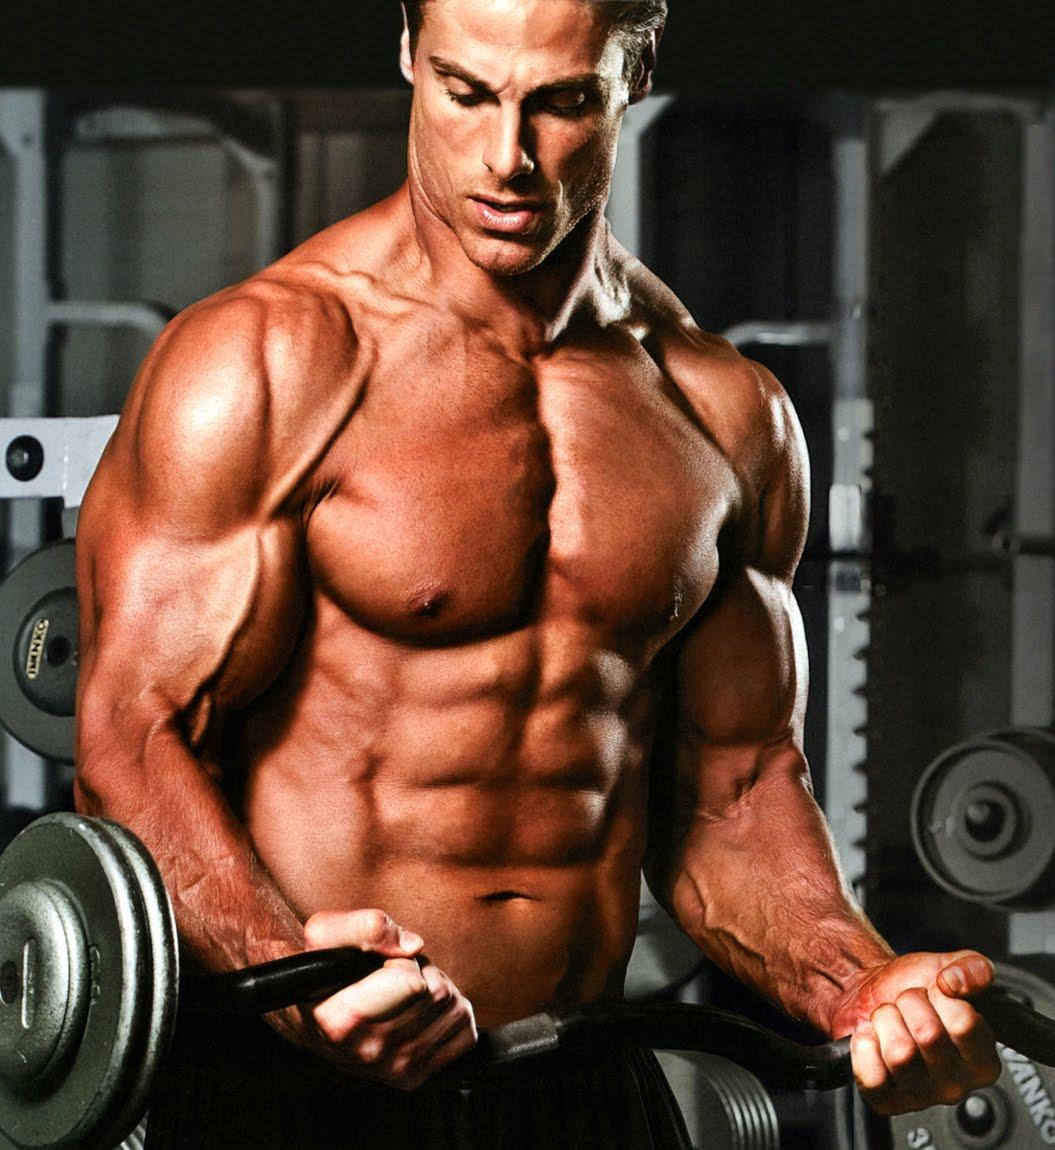 bodybuilding1.jpg